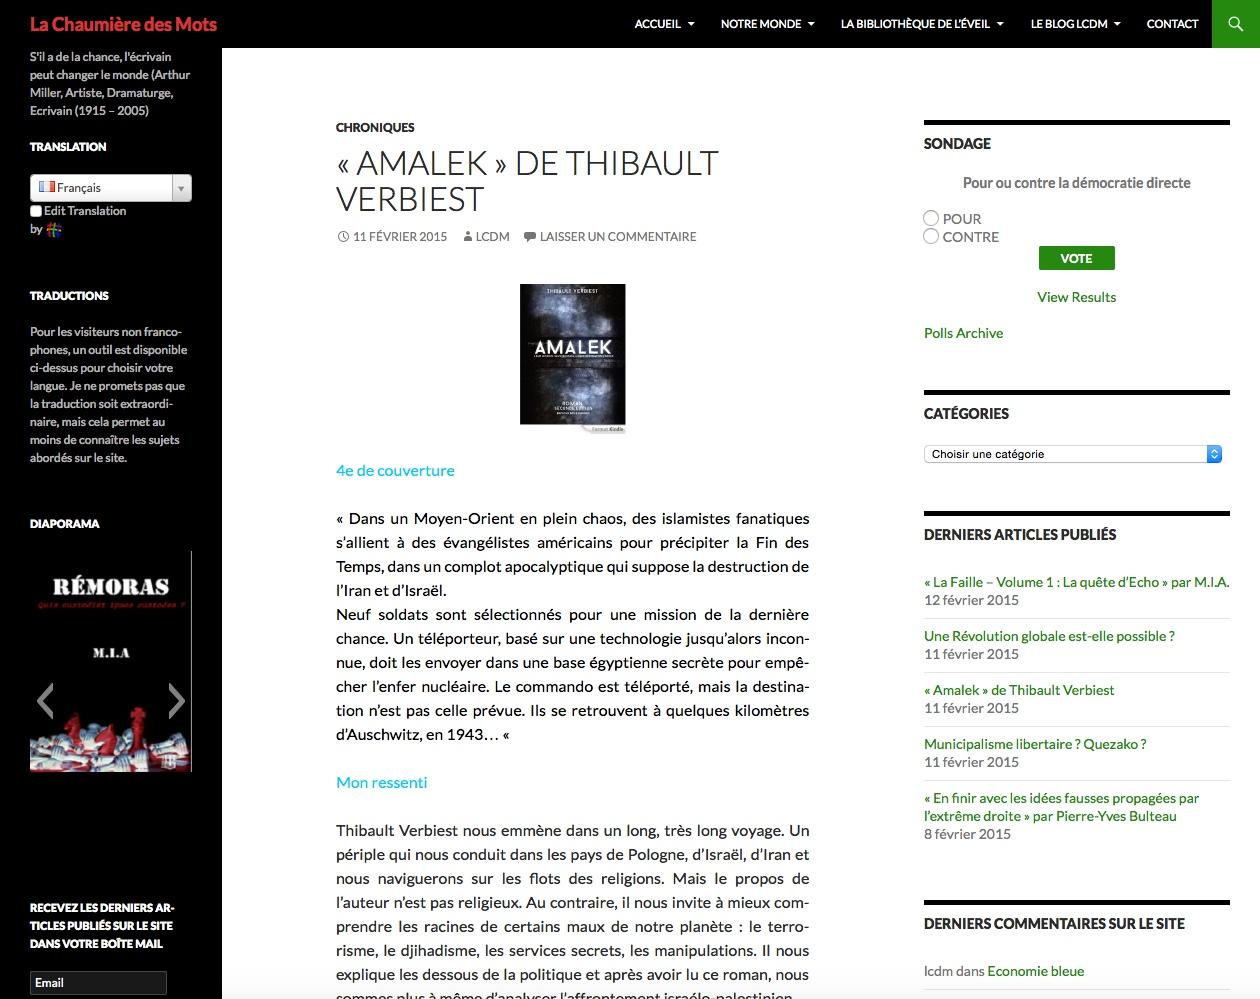 article sur Amalek de Thibault Verbiest sur le blog La Chaumiere Des Mots